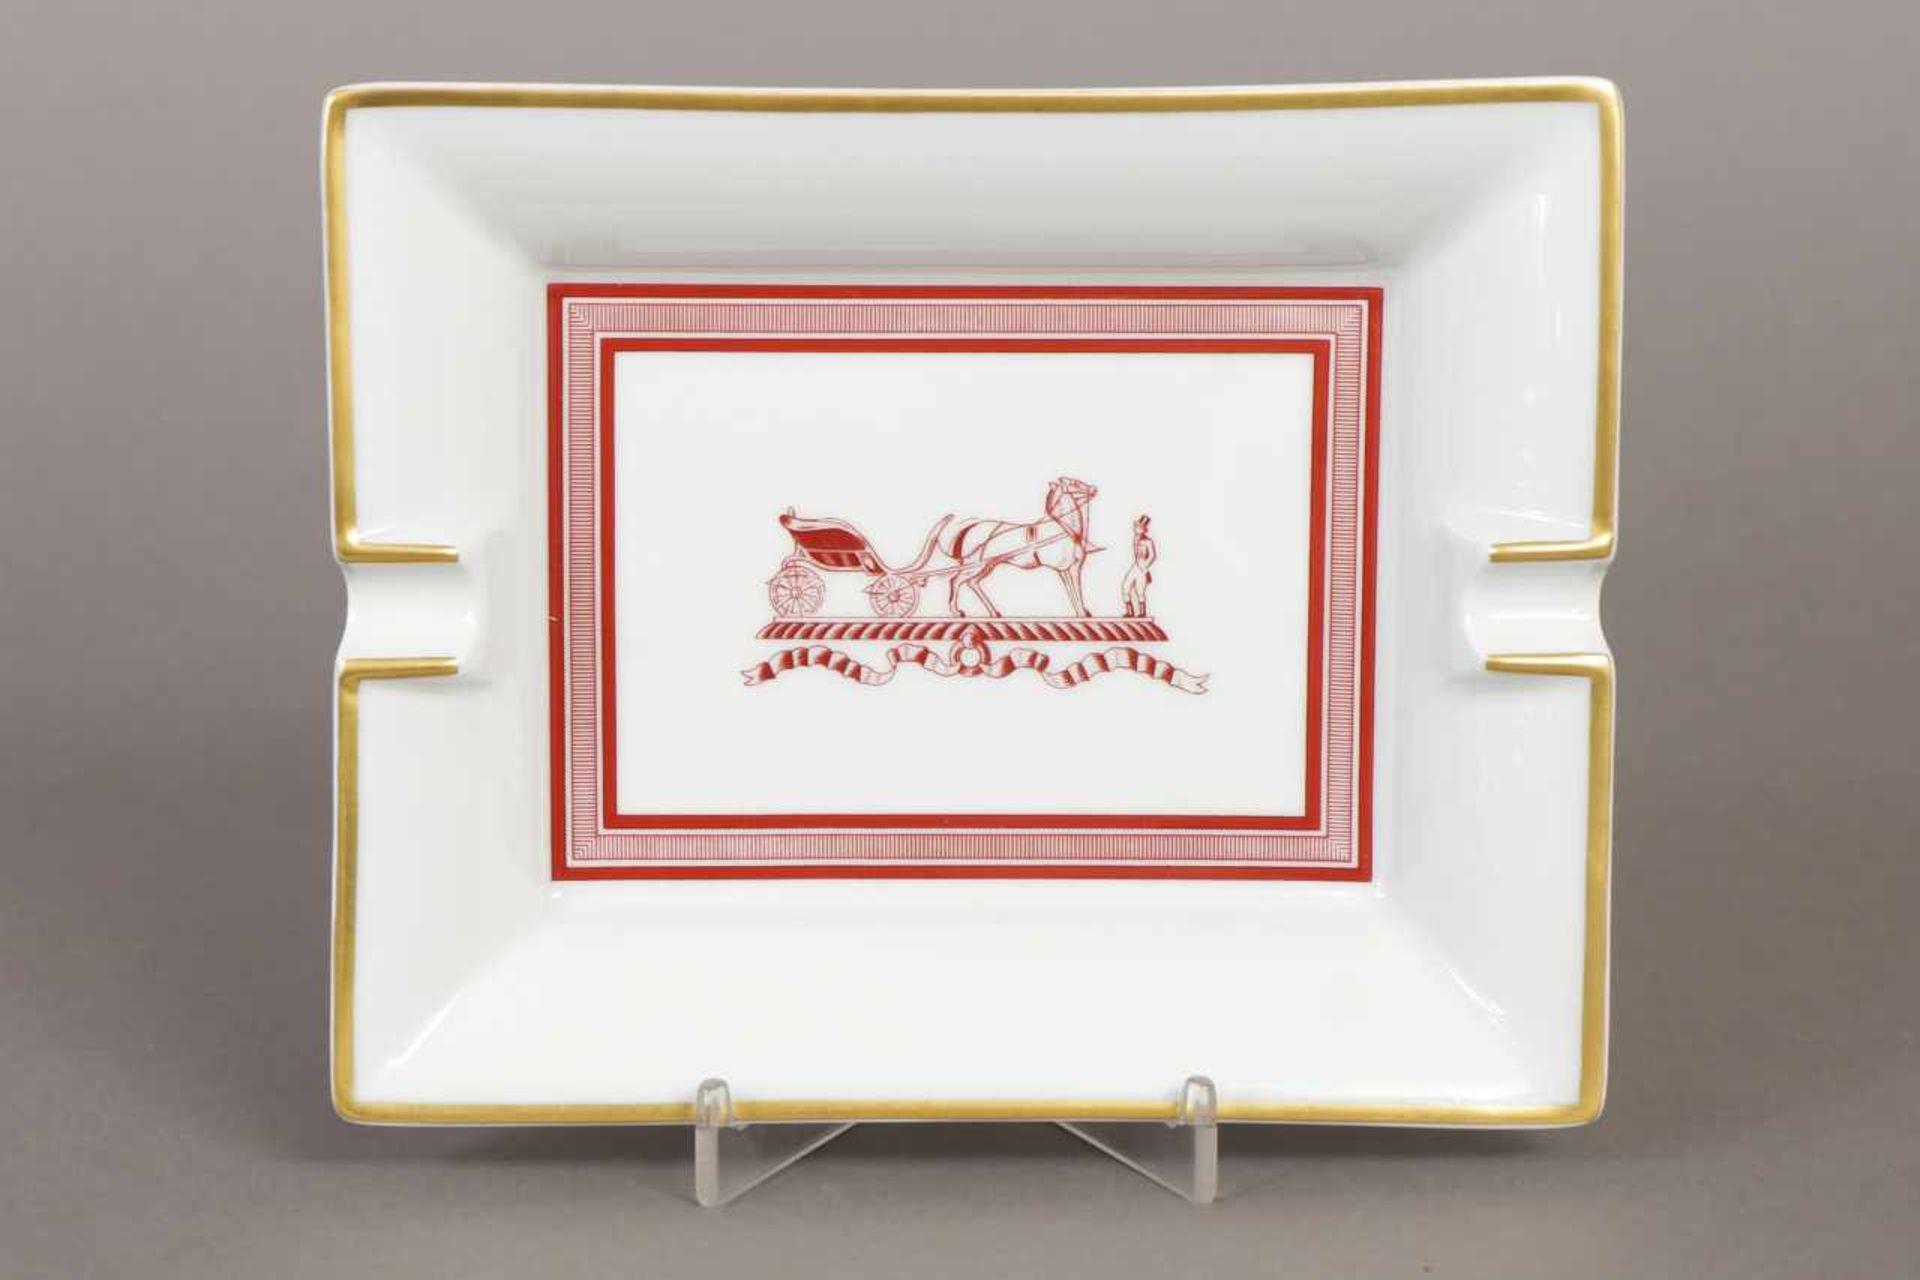 Los 10 - HERMÈS Aschenbecher Porzellan, rechteckige, vertiefte Form, im Spiegel rostrotes Kutschenmotiv,